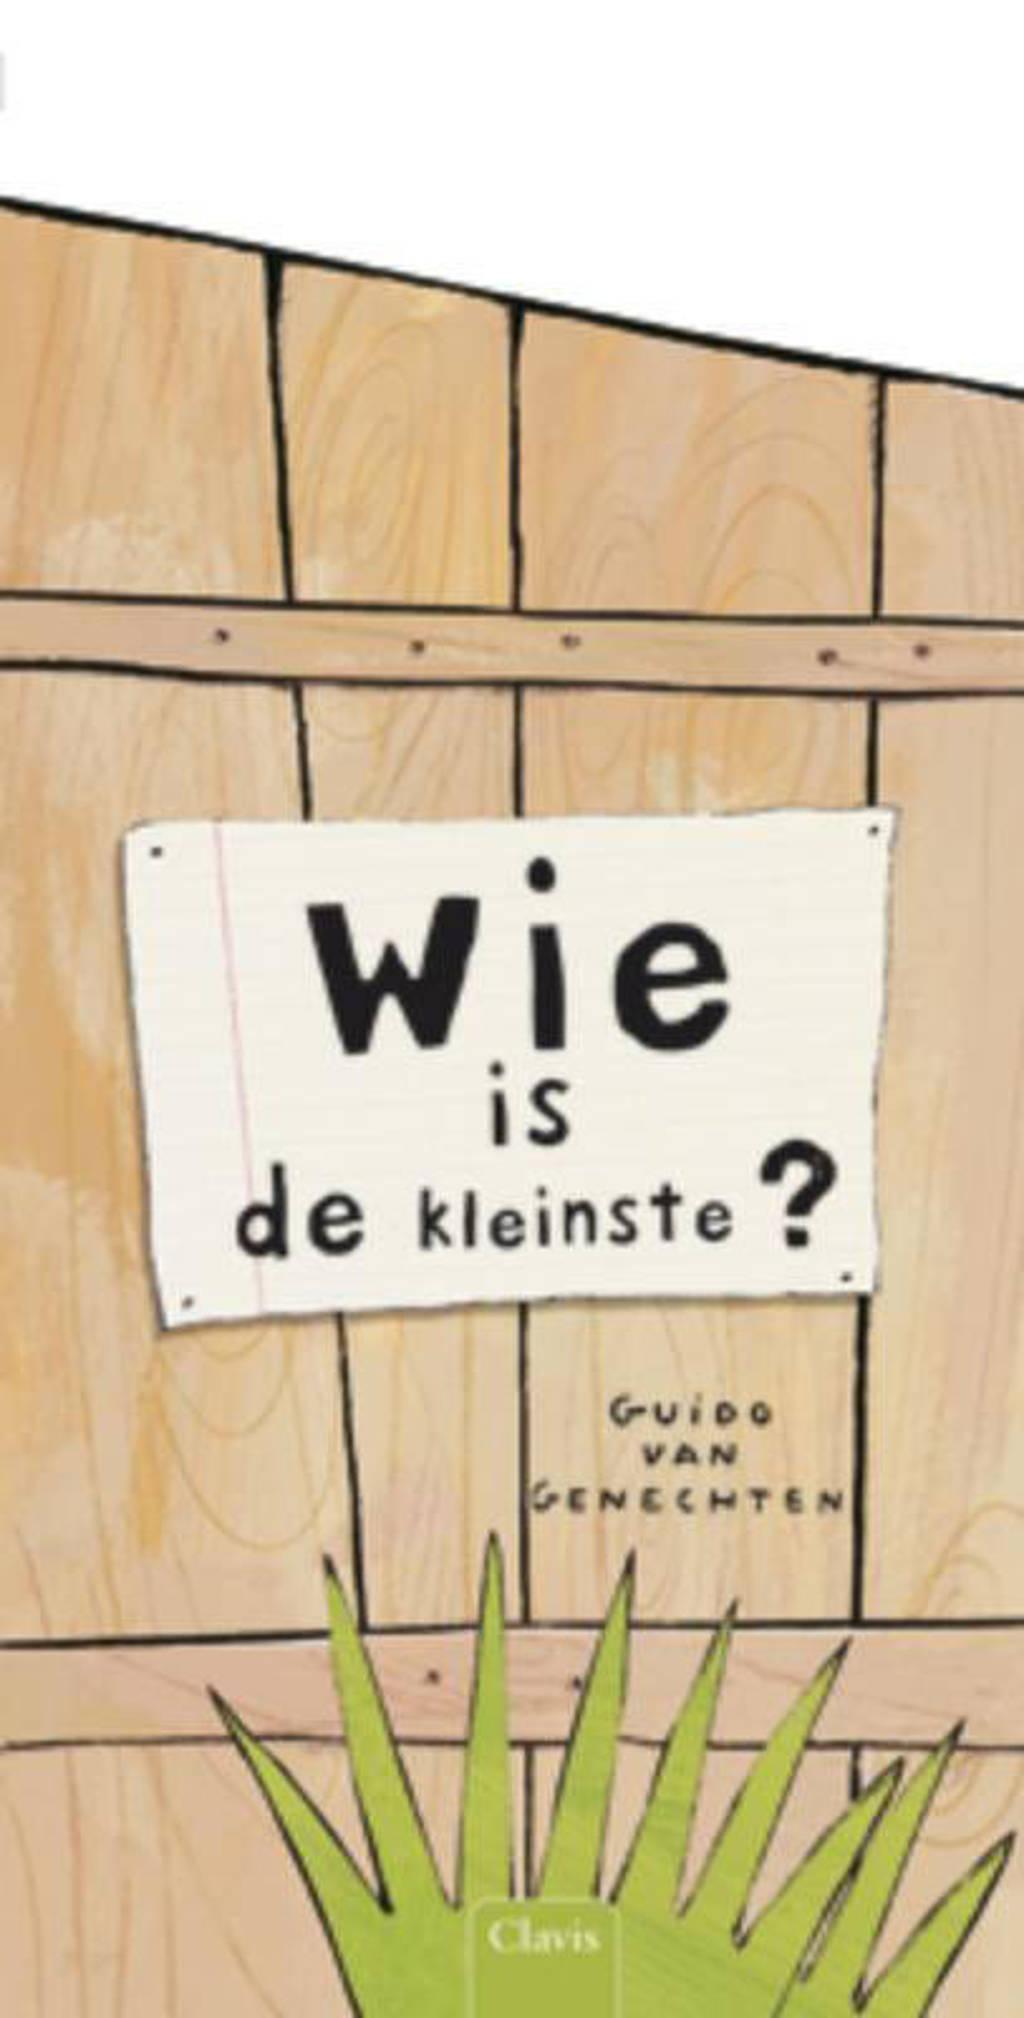 Wie is de kleinste? - Guido Van Genechten